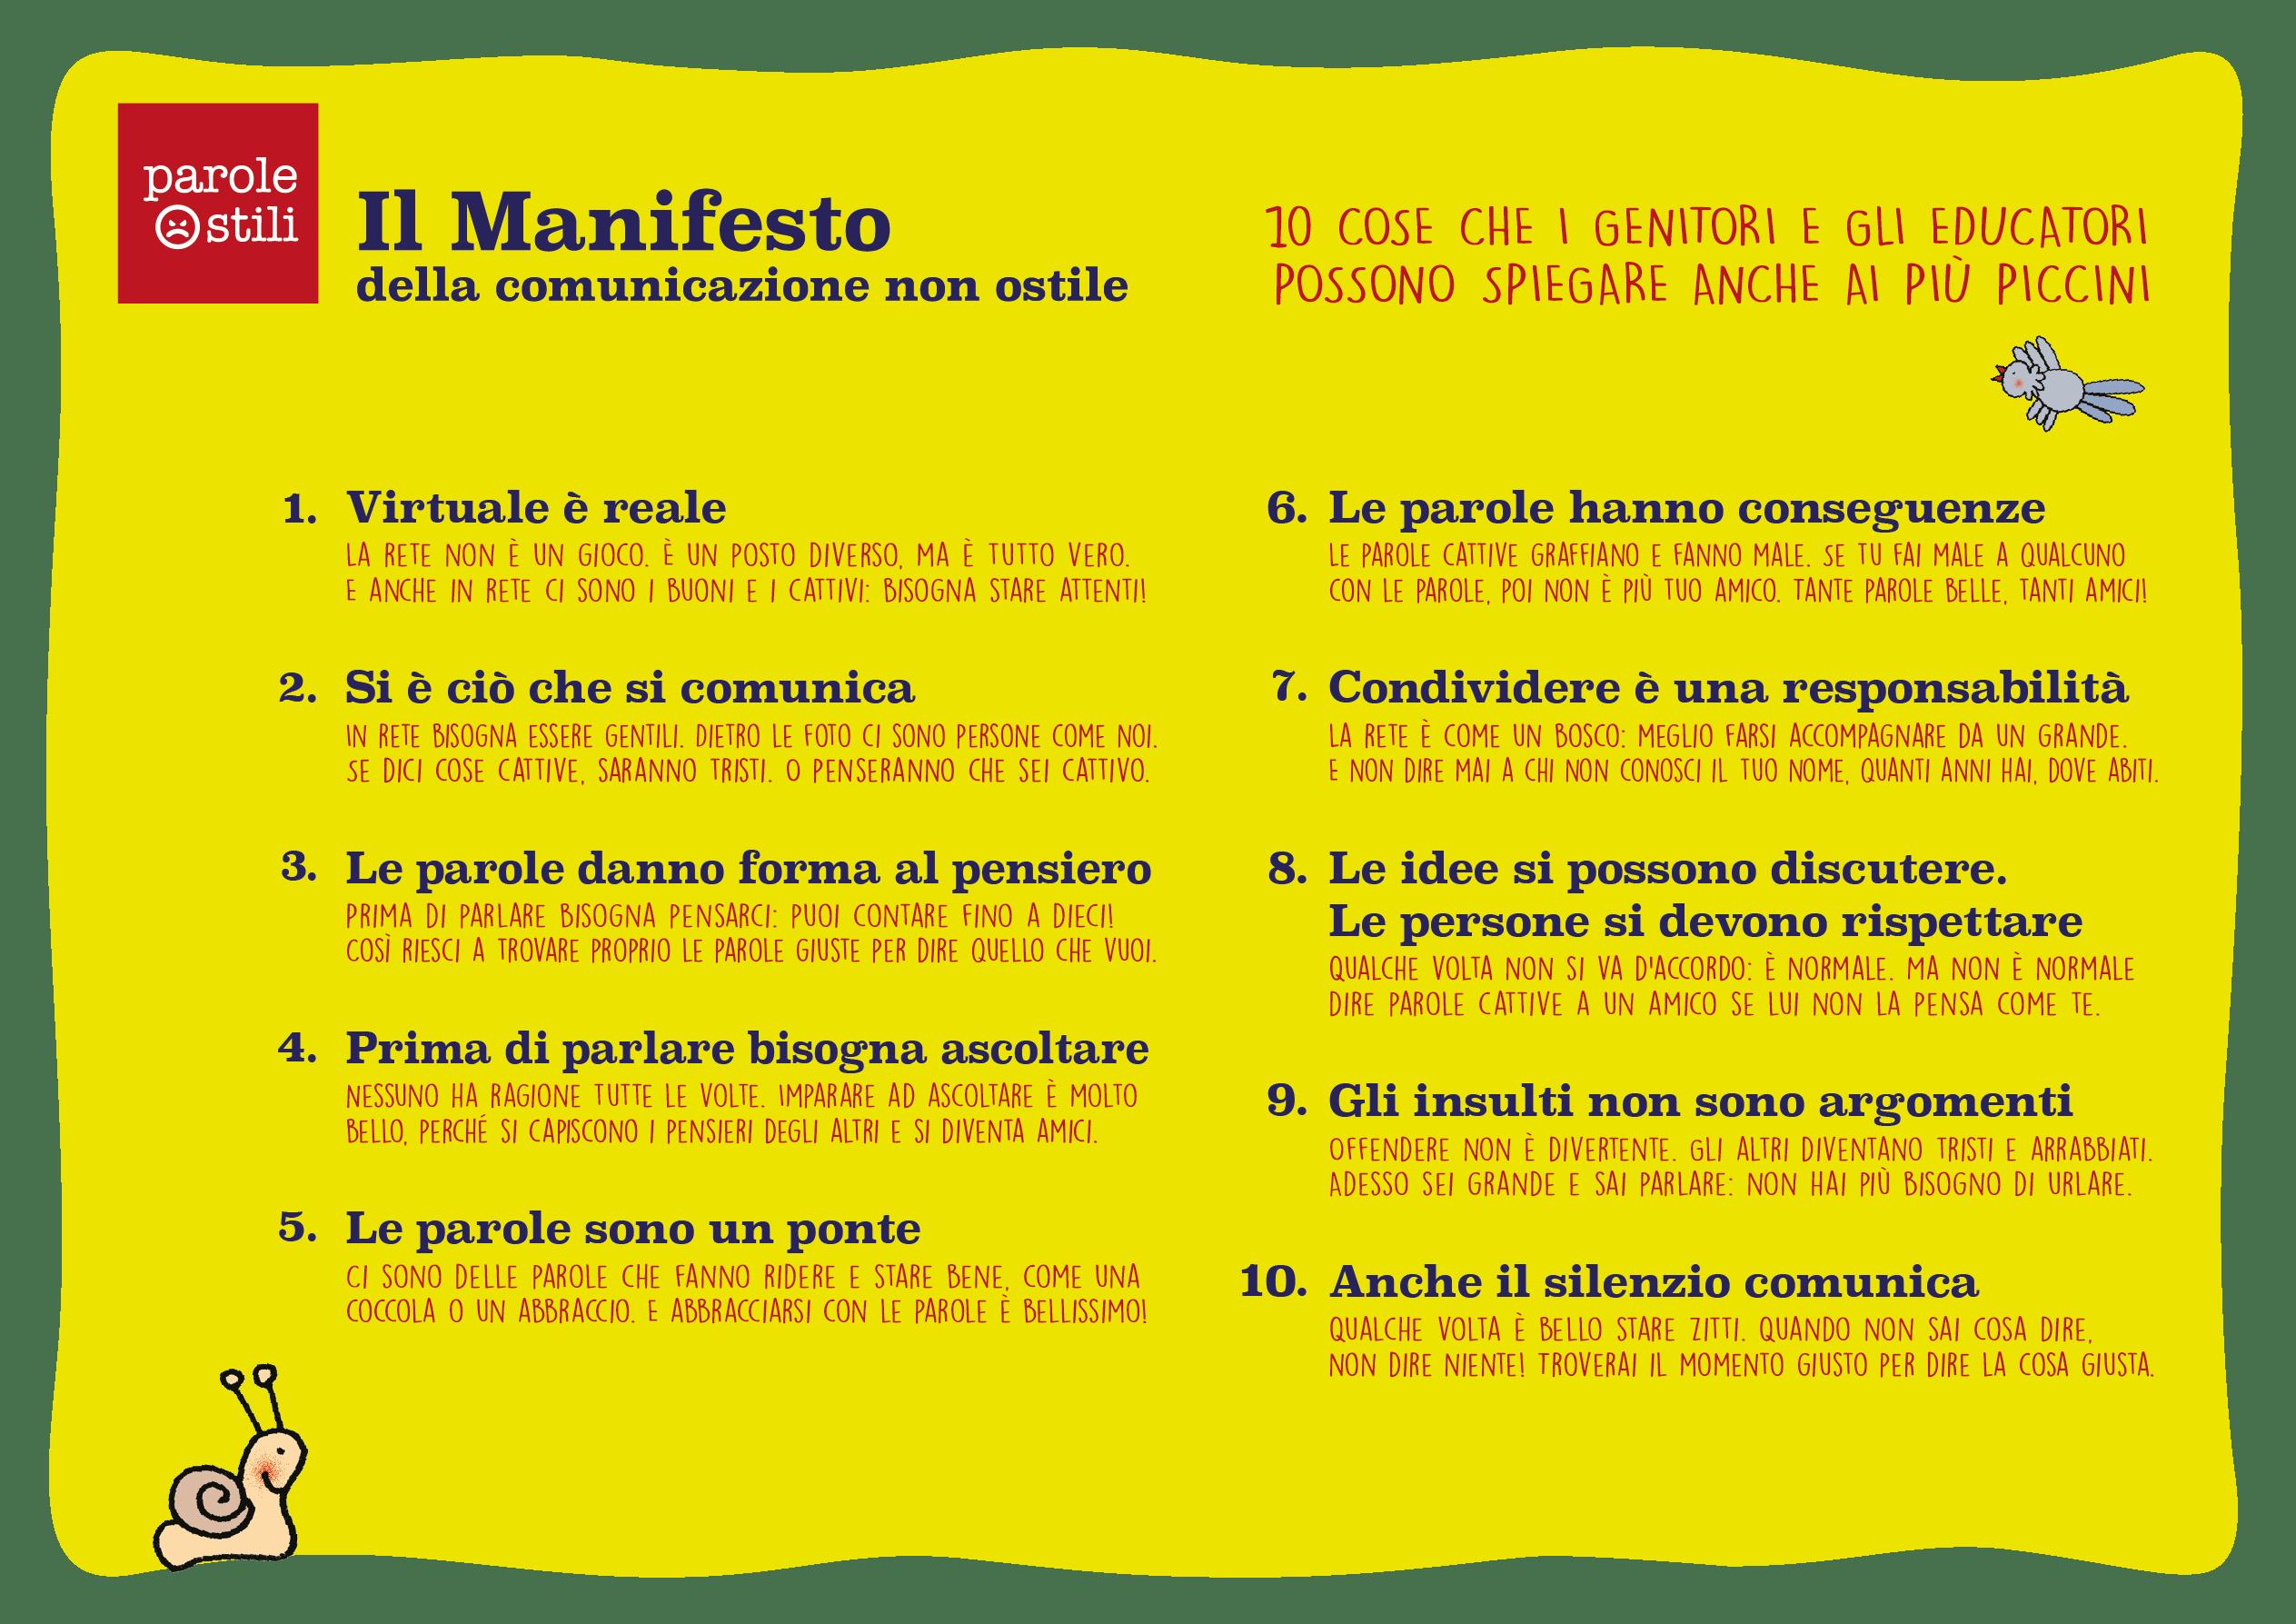 Il Manifesto della comunicazione non ostile per l'infanzia